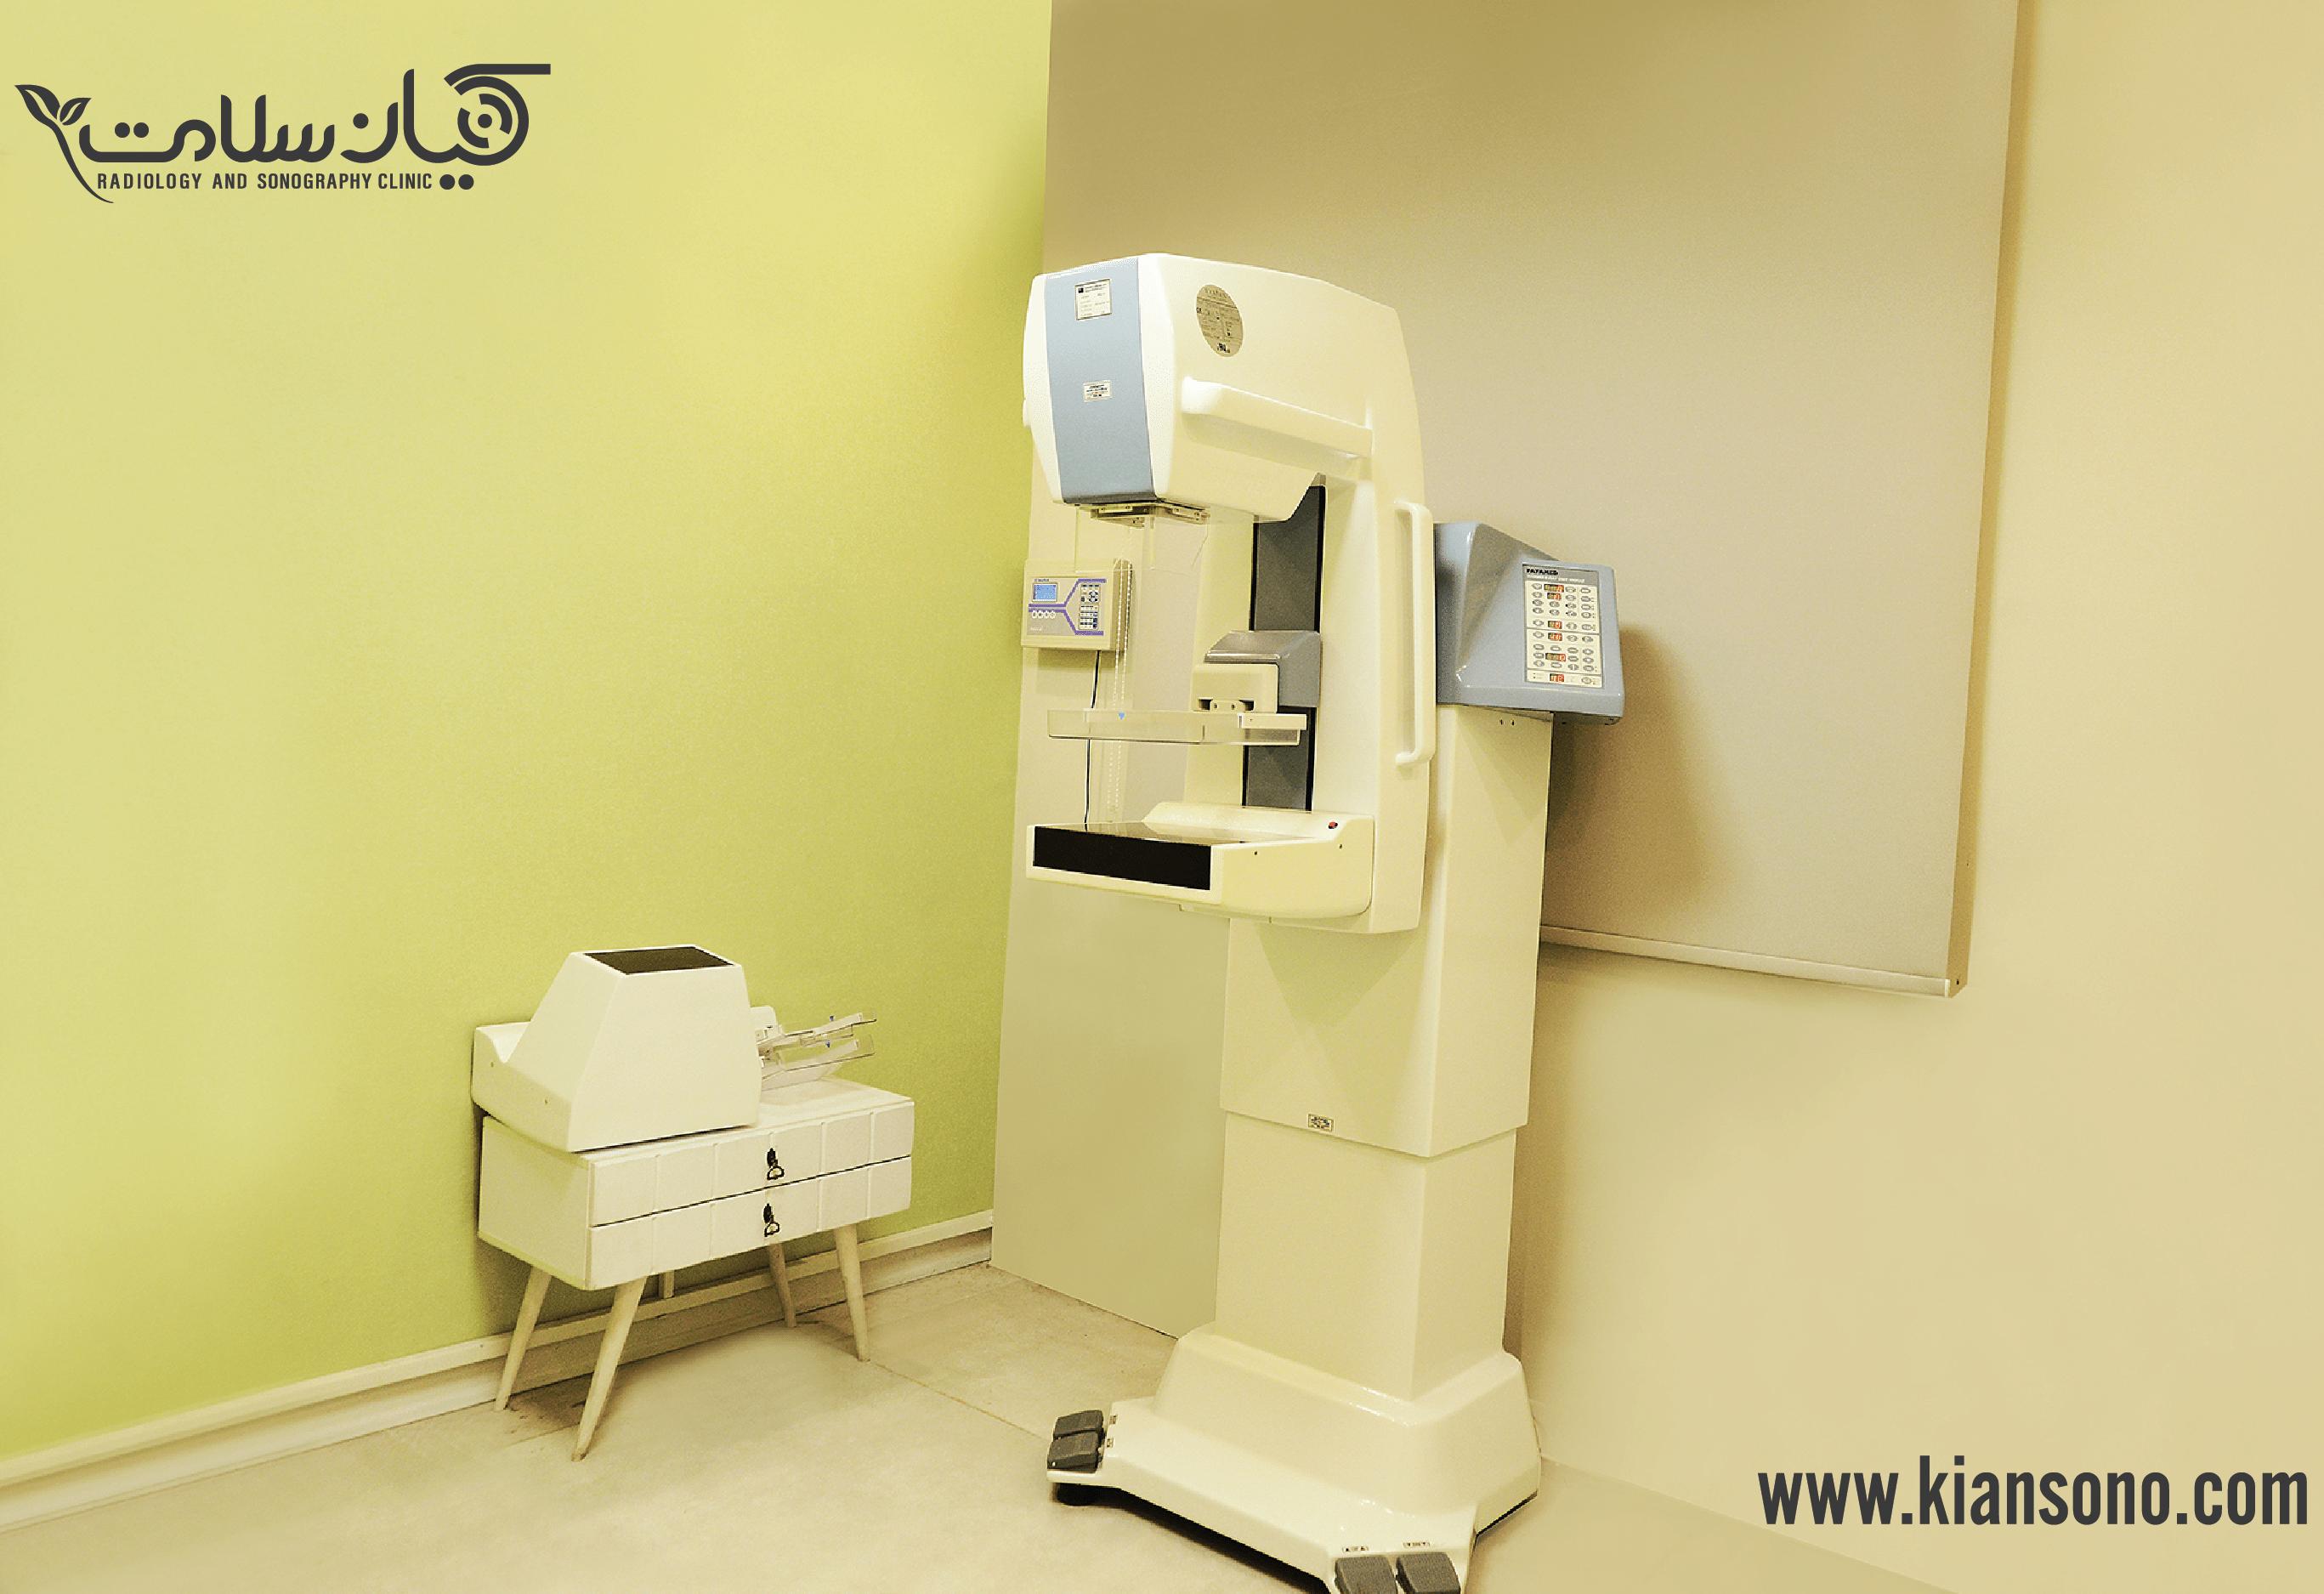 ماموگرافی دیجیتال کیان